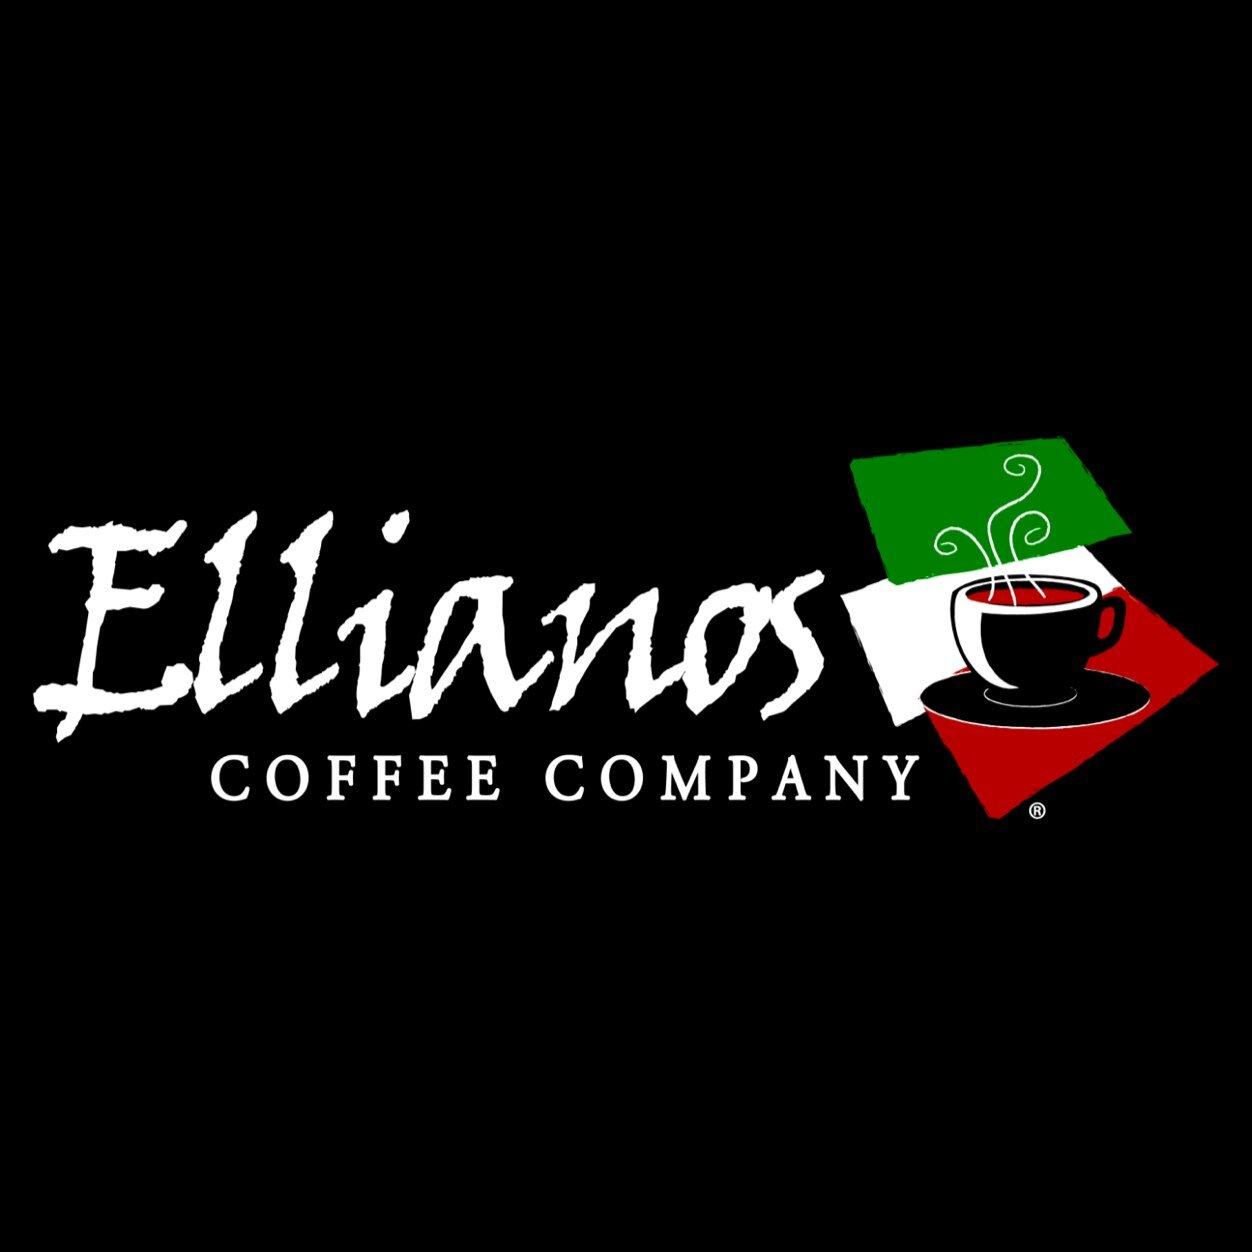 Elliano's Coffee Company